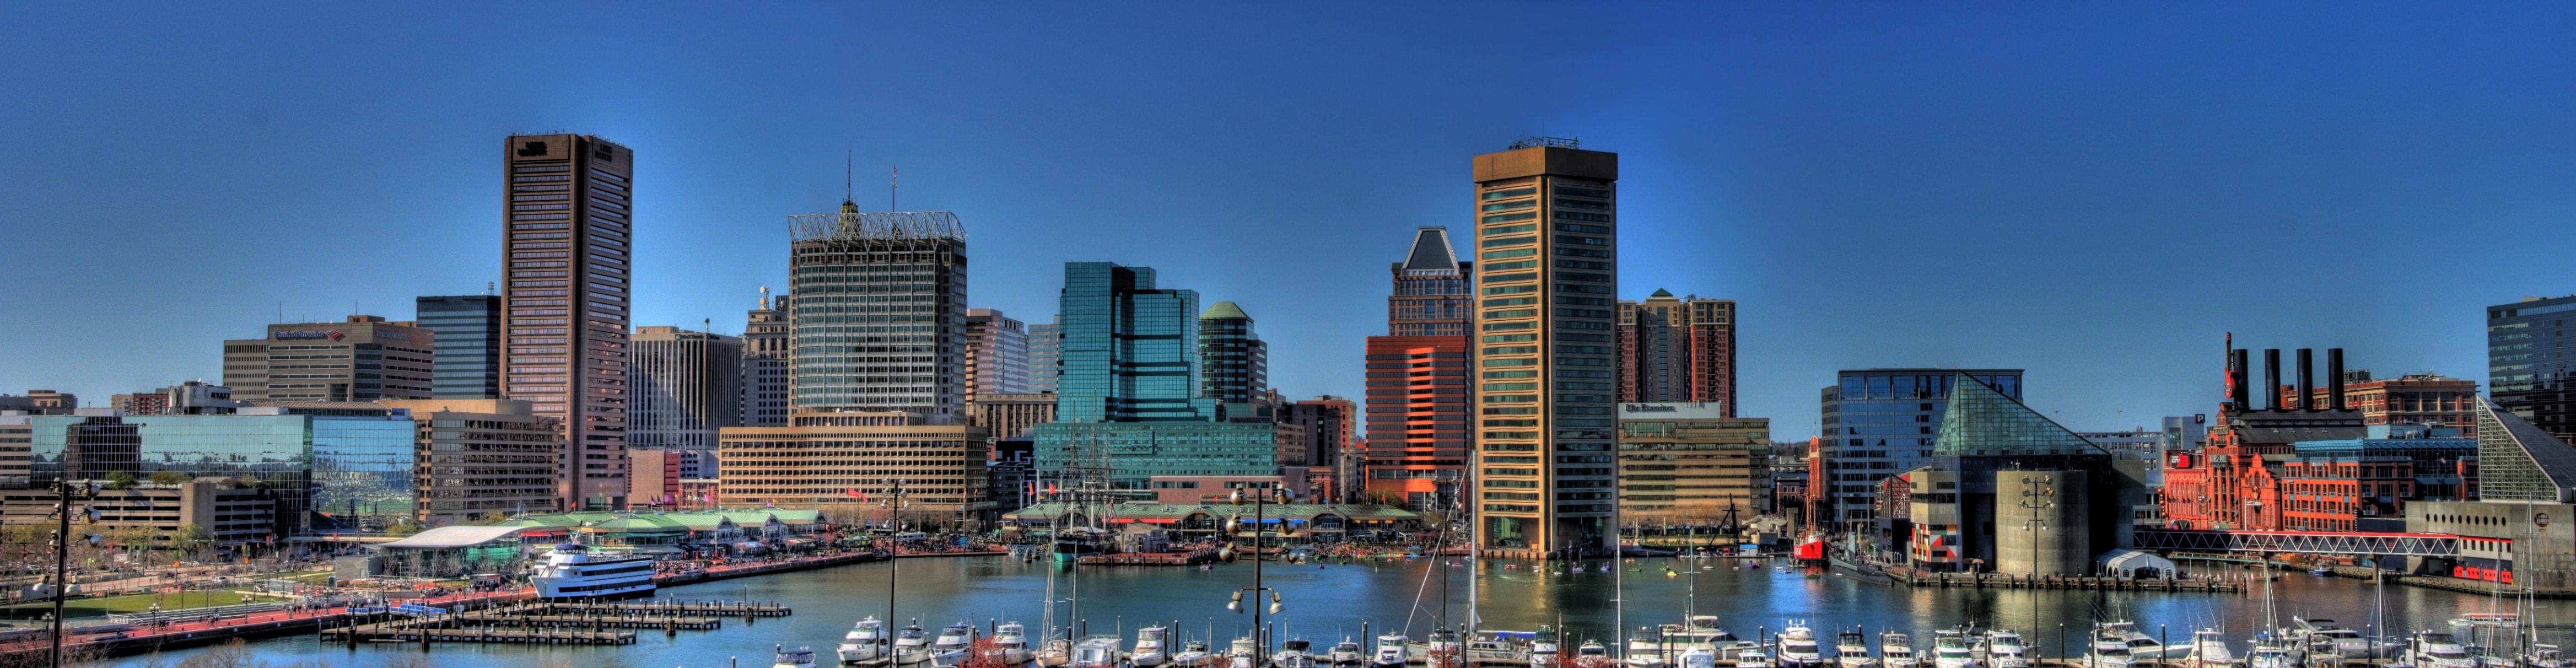 Baltimore Widescreen